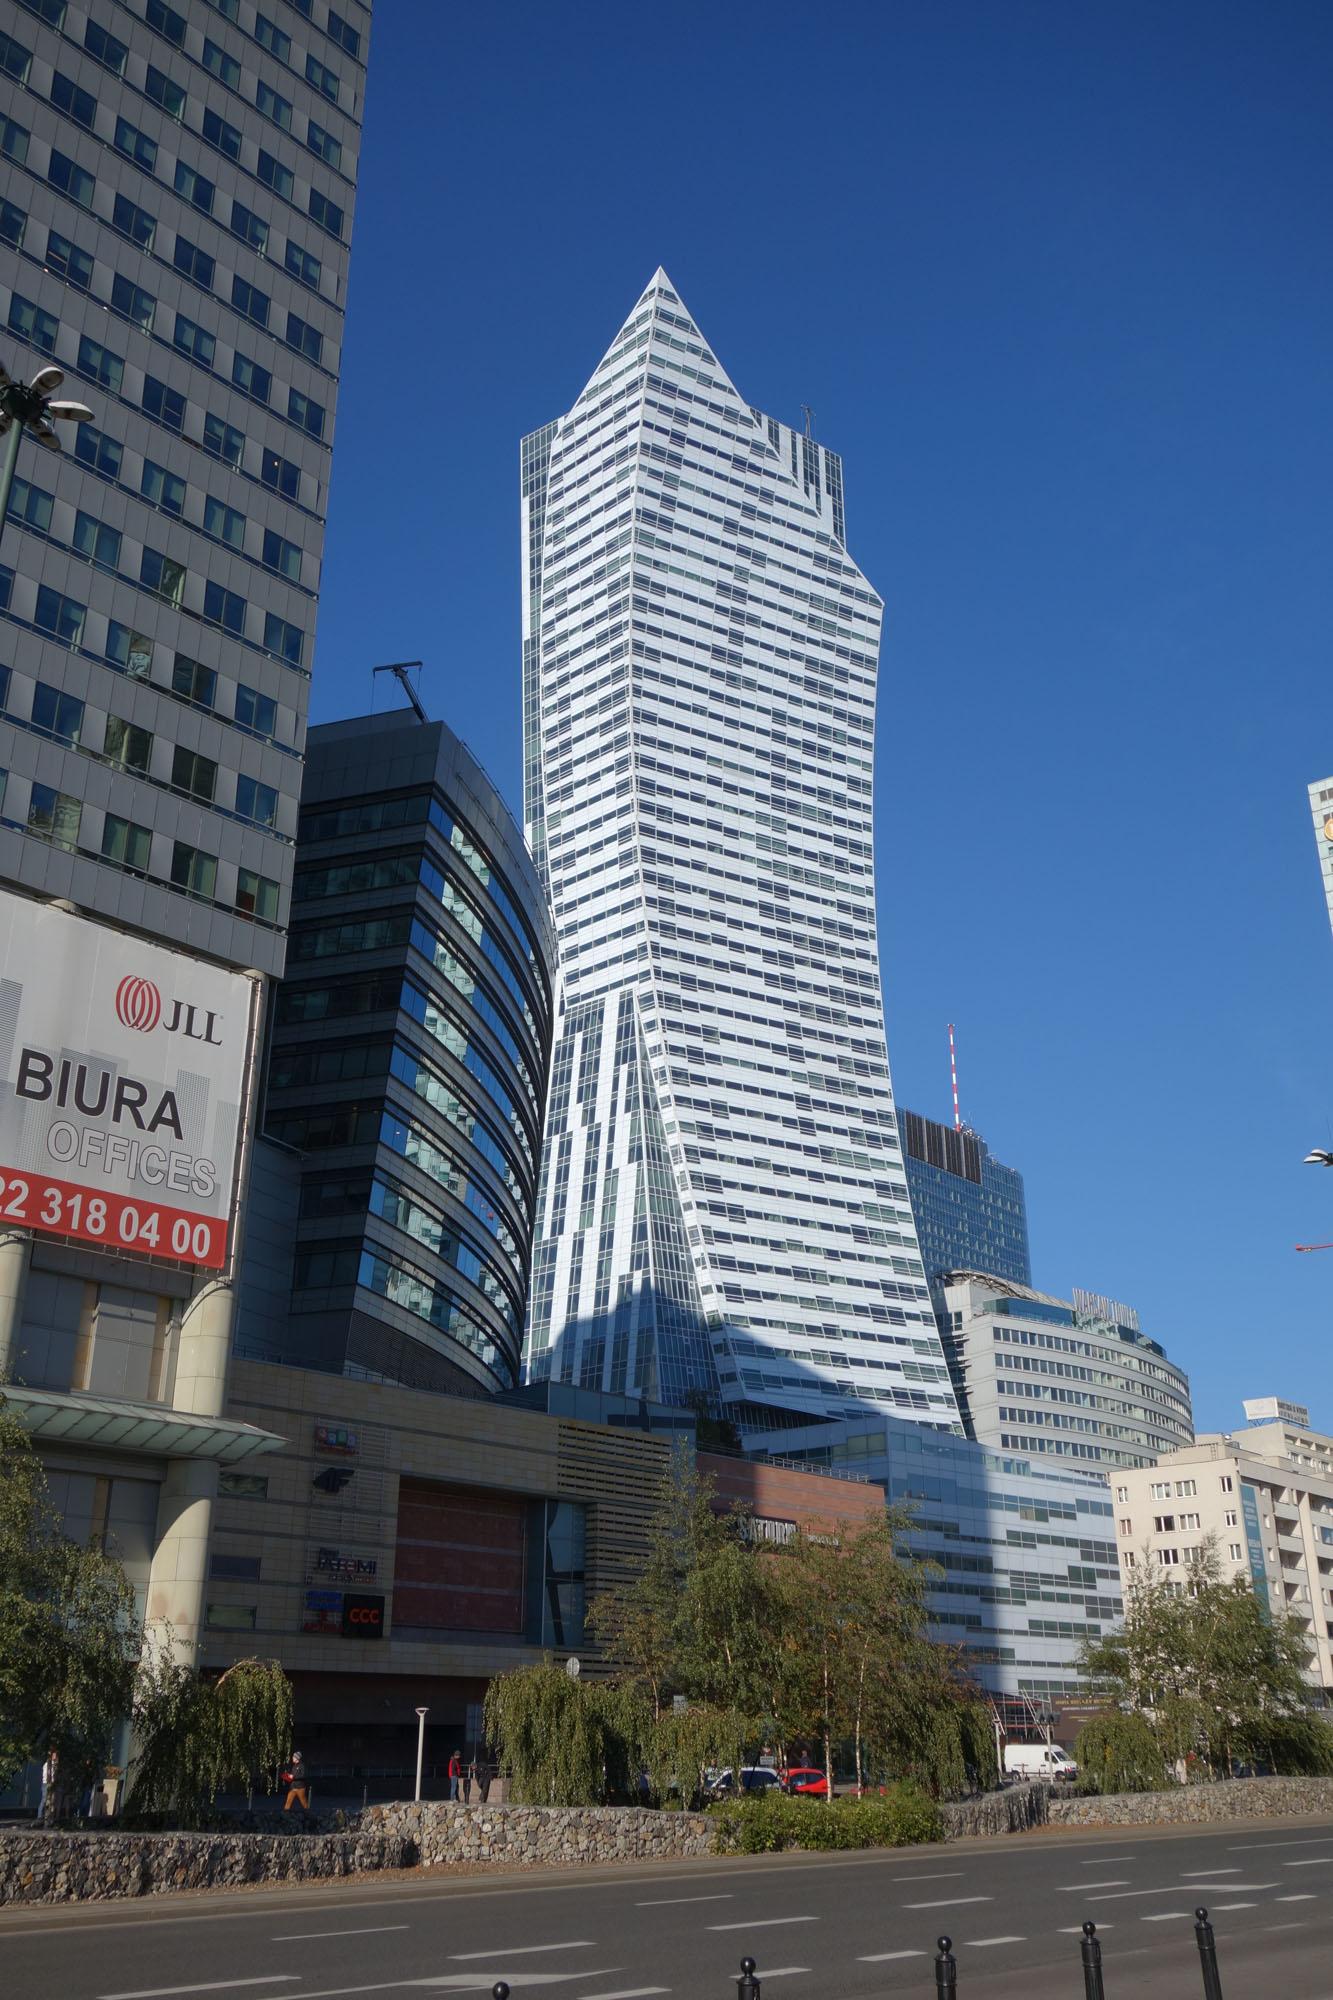 האכלוס היה אמור להתרחש לפני יותר משנתיים, אך הבניין עדיין ריק ומוקף פיגומים (צילום: מיכאל יעקובסון)